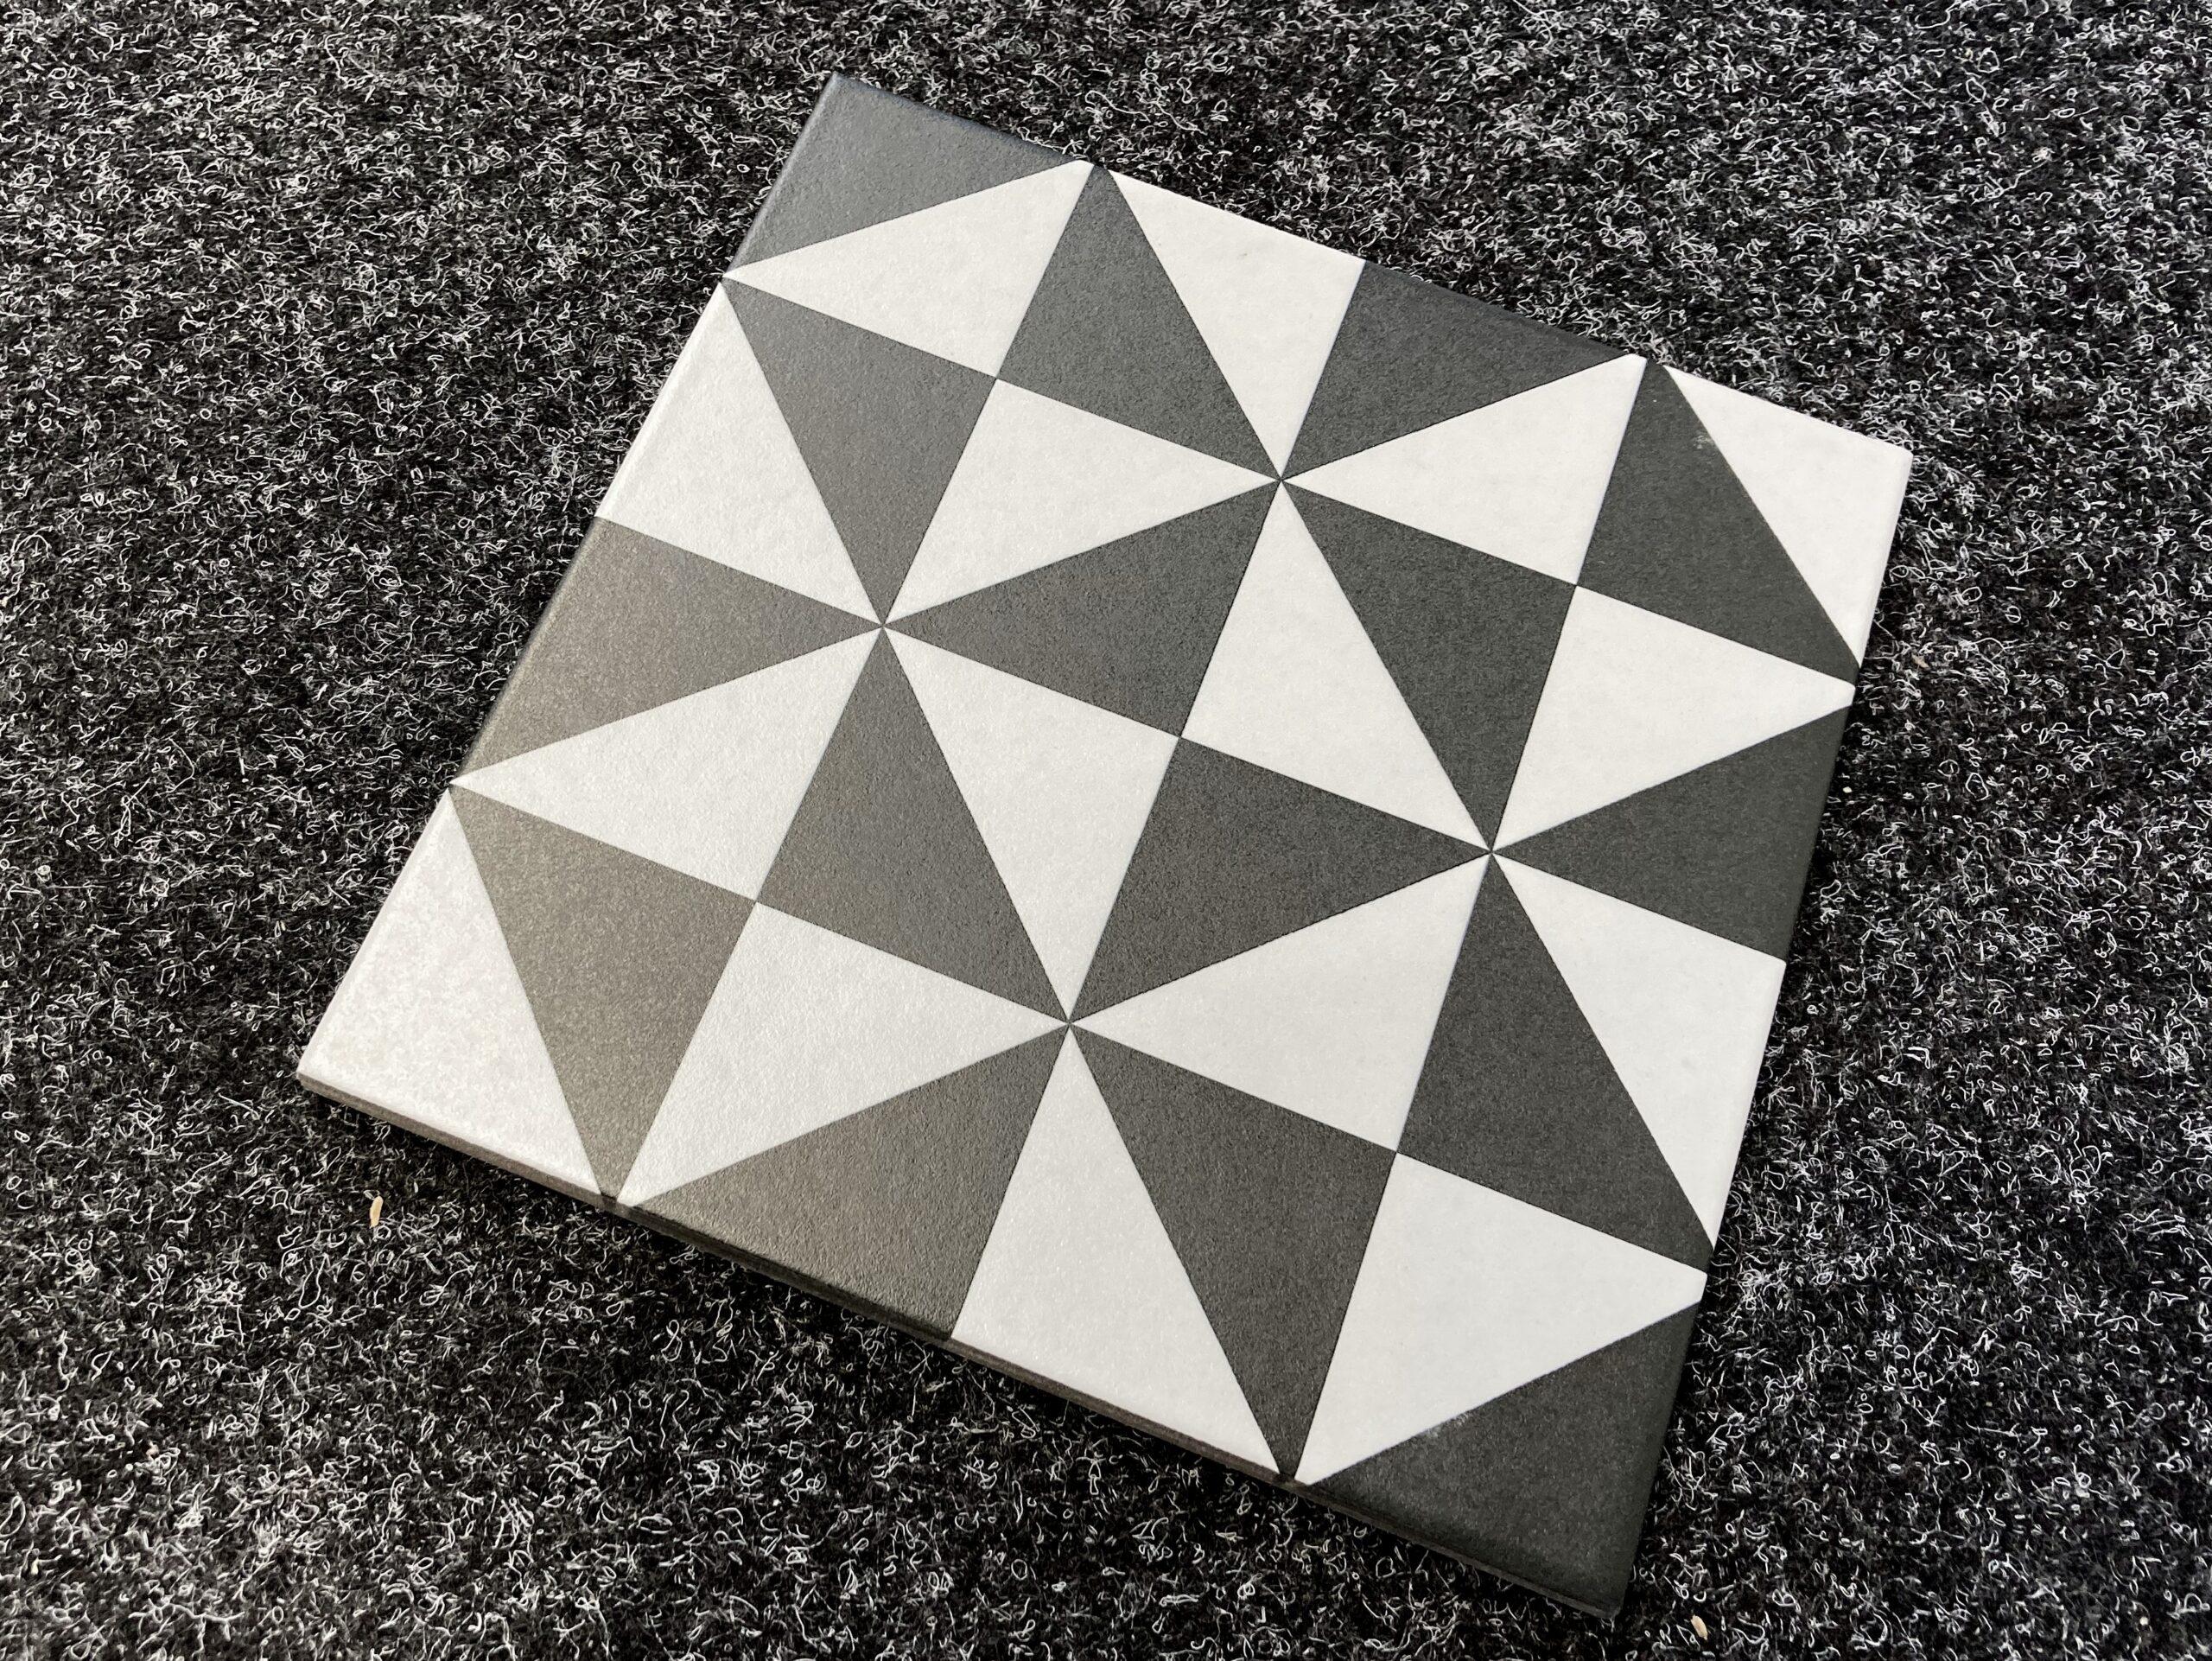 płytki patchwork czarno białe trójkąty